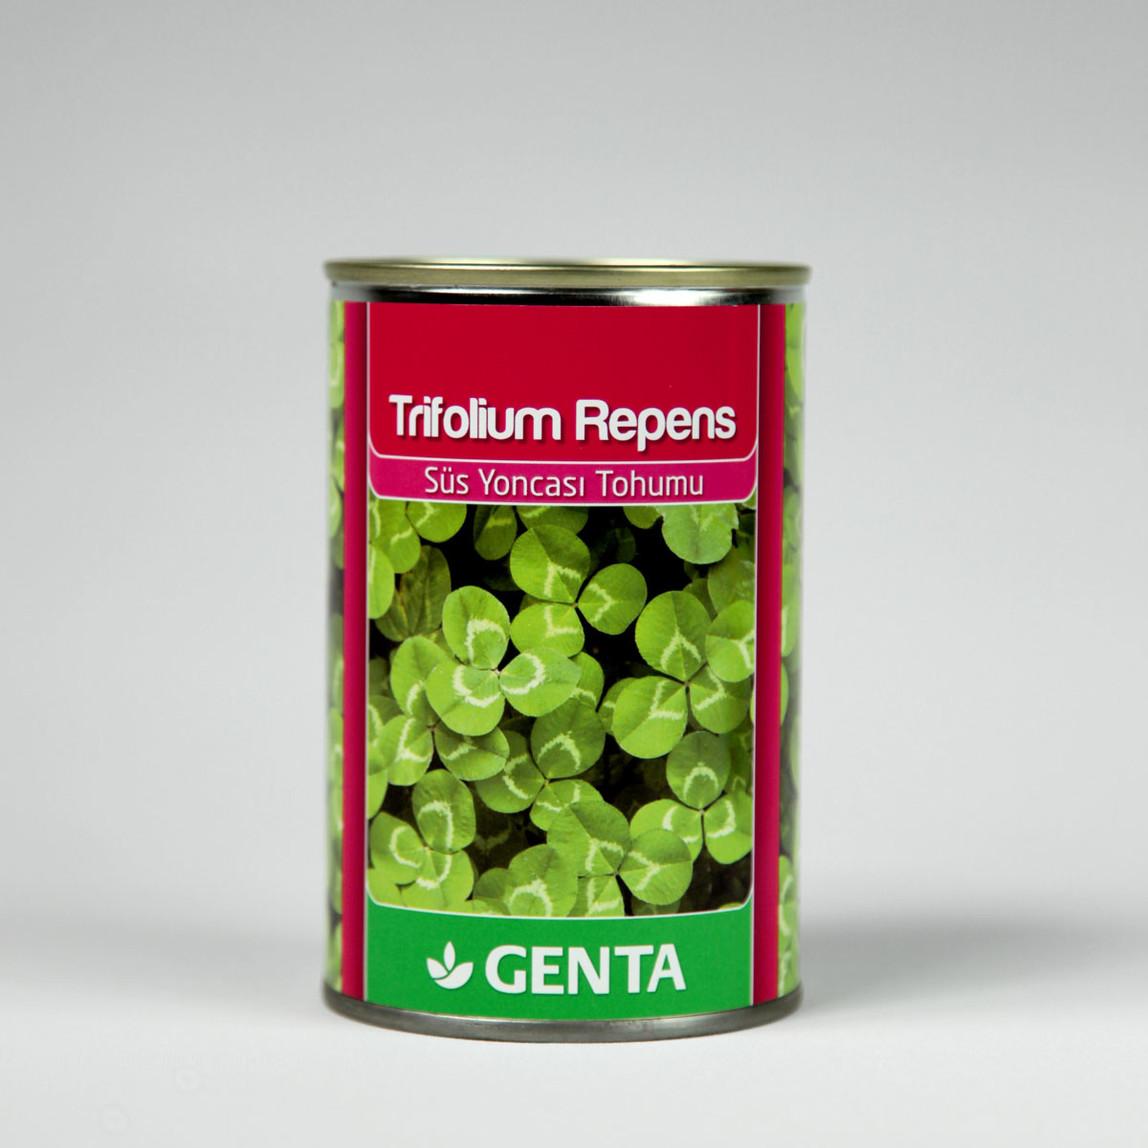 Genta Trifolium Repens